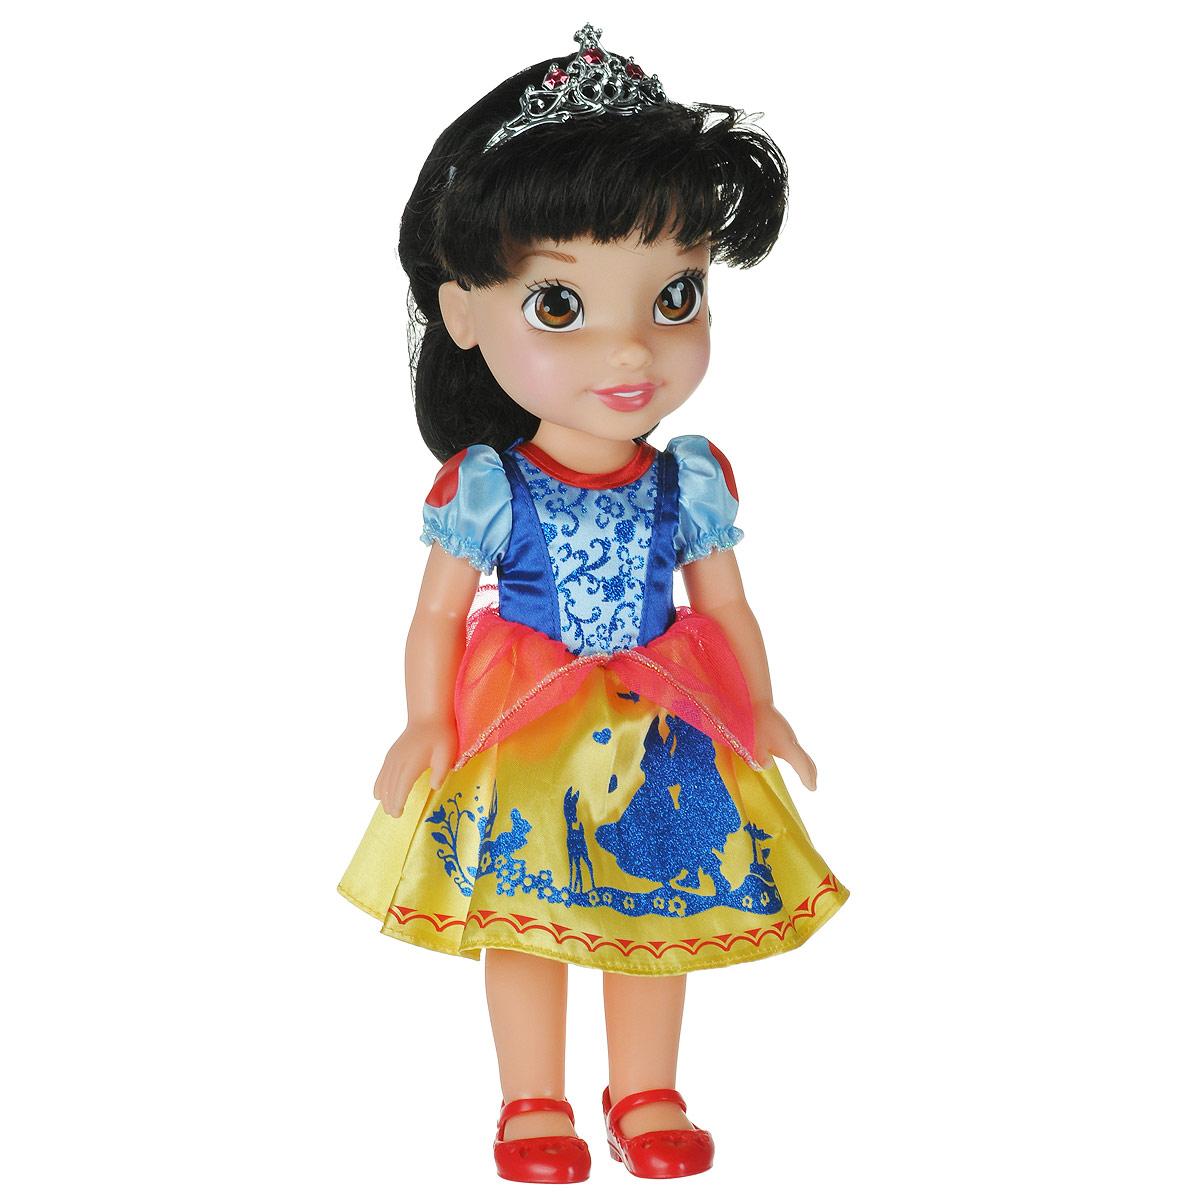 Disney Princess Кукла Малышка Белоснежка750050_Snow WhiteКукла Disney Princess Малышка Белоснежка - прекрасная принцесса, которая обязательно понравится вашей дочурке. Туловище куклы выполнено из высококачественного пластика; голова, ручки и ножки подвижны. Принцесса одета в красивое платье, точь-в-точь как на героине из мультфильма. На ножках туфельки. Кукла имеет шелковистые волосы, которые можно заплетать в различные прически. На голове - королевская тиара. Главная особенность куклы - большие глаза, которые блестят как настоящие. Глазки изготовлены по запатентованной технологии Eyes Reflection. Такая куколка очарует вас и вашу дочурку с первого взгляда! Ваша малышка с удовольствием будет играть с принцессой, проигрывая сюжеты из мультфильма или придумывая различные истории. Порадуйте свою дочурку таким замечательным подарком!